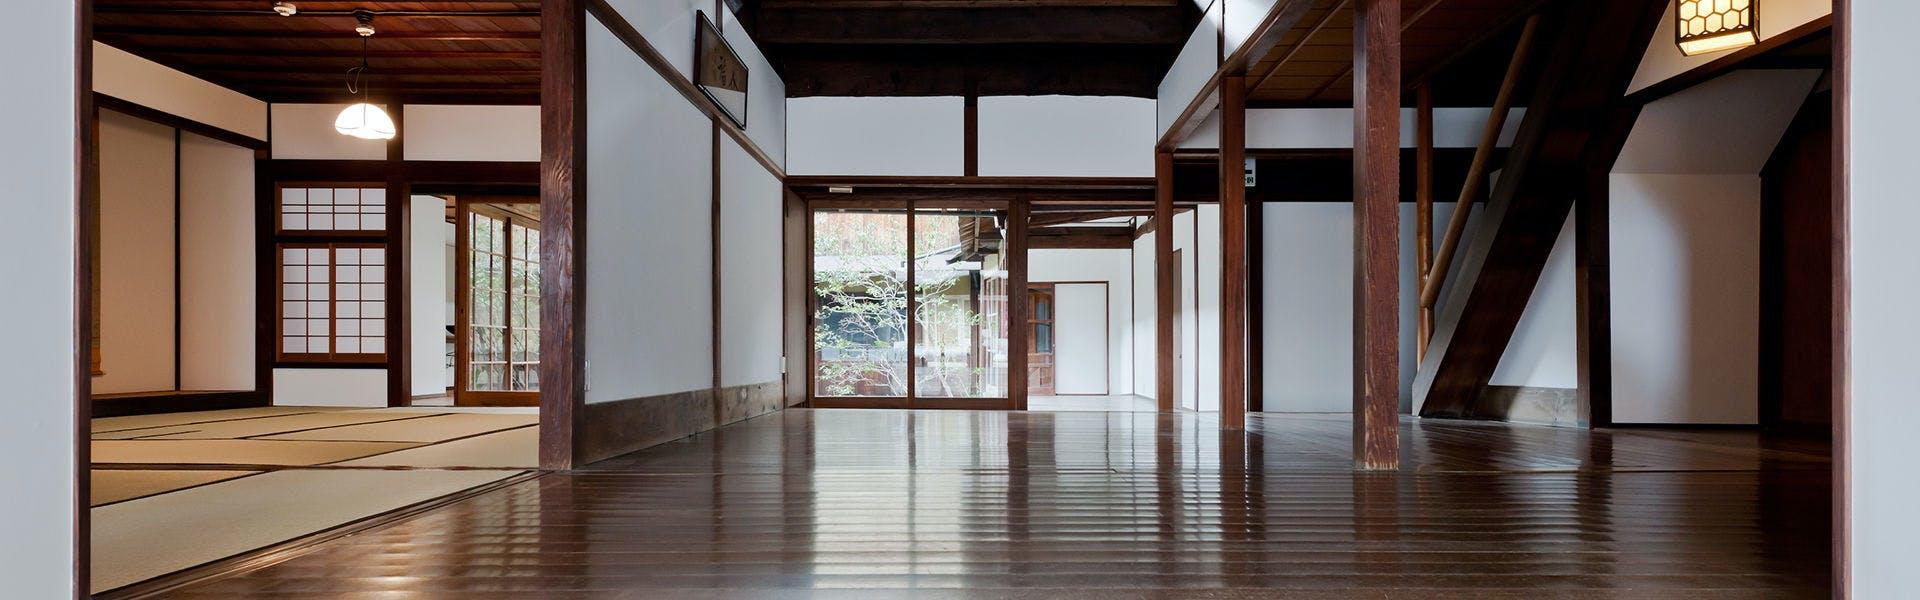 歴史とデザインが融合したアートエンタテイメント空間